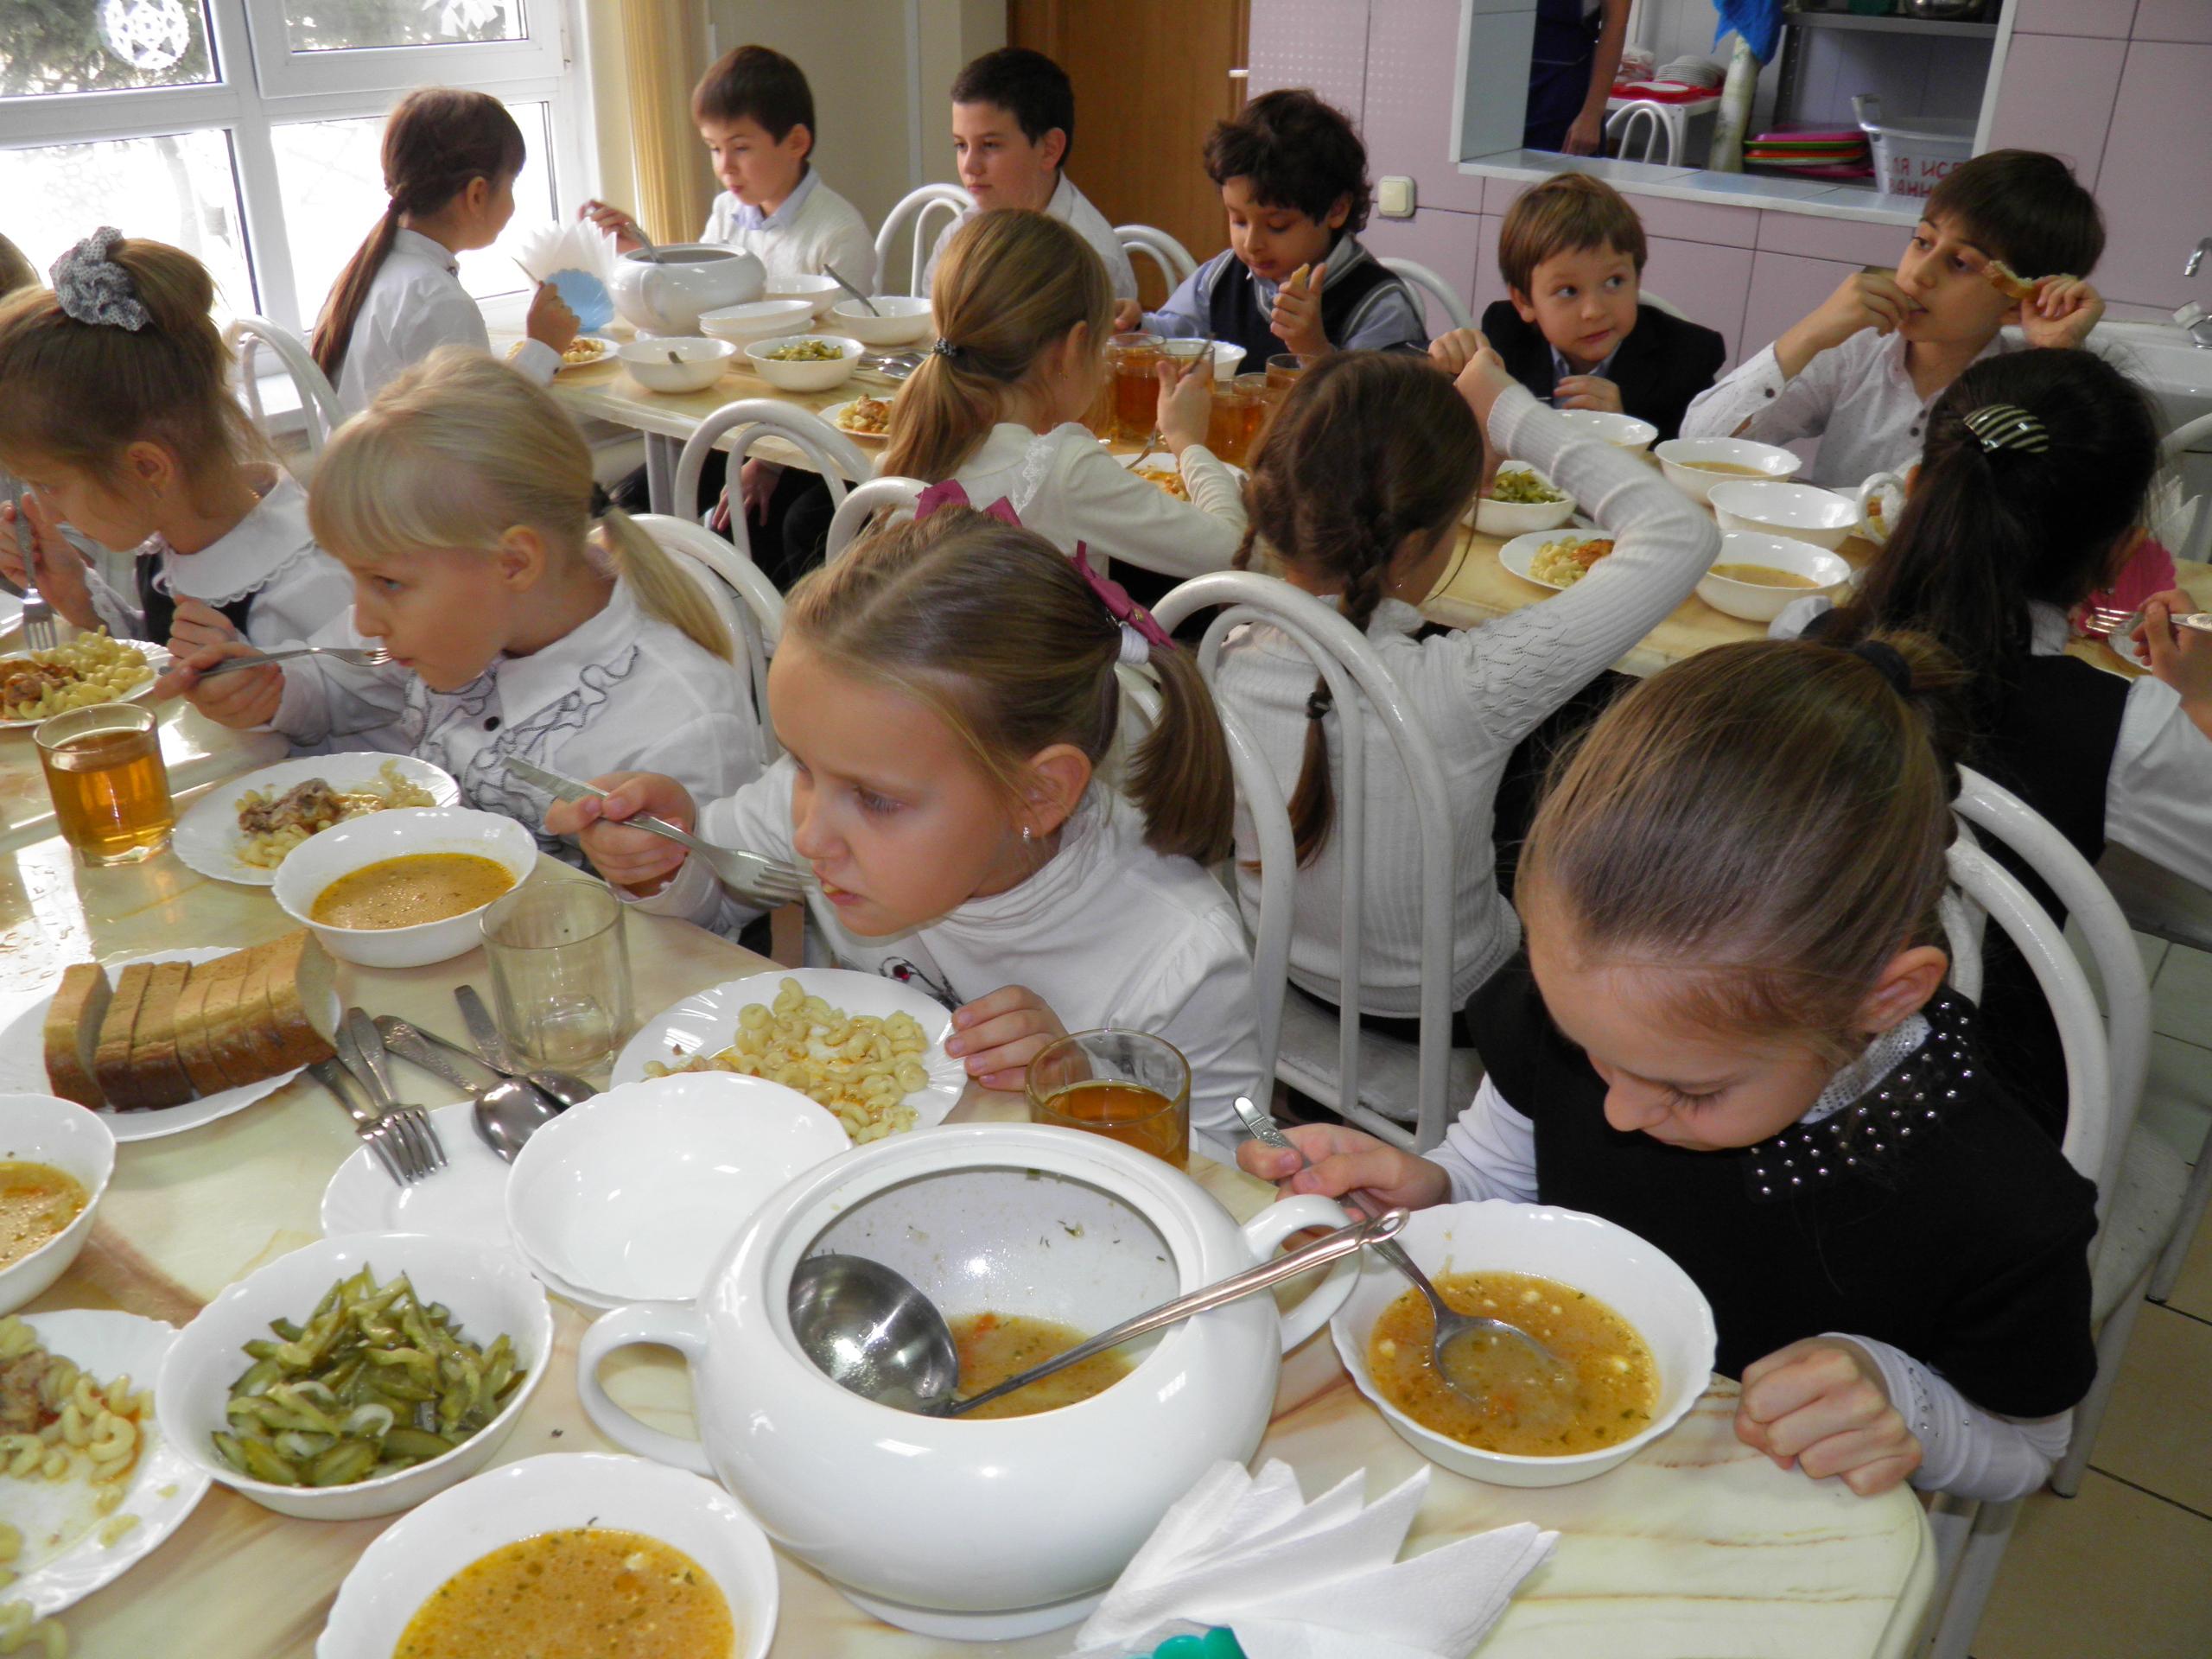 С 1 февраля учеников 1 и 2 классов Карагандинской области обеспечат бесплатными обедами